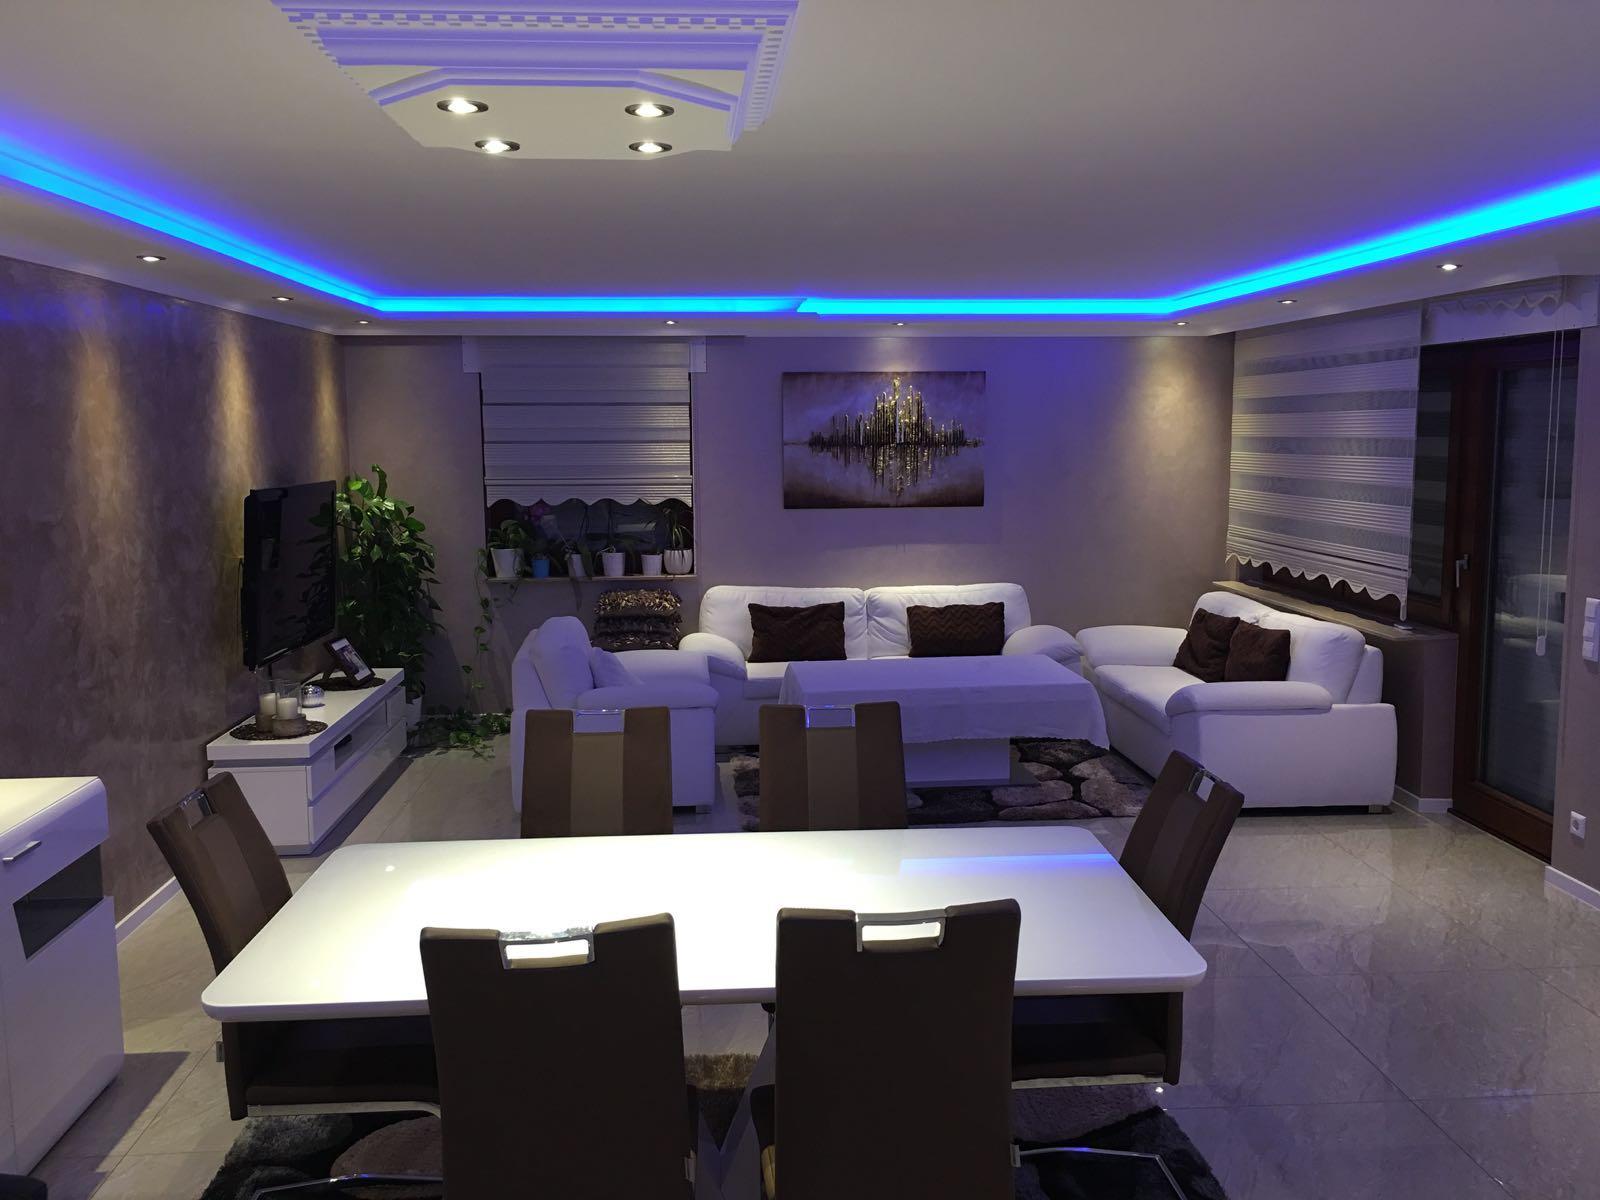 indirekte led beleuchtung aydin stuck. Black Bedroom Furniture Sets. Home Design Ideas